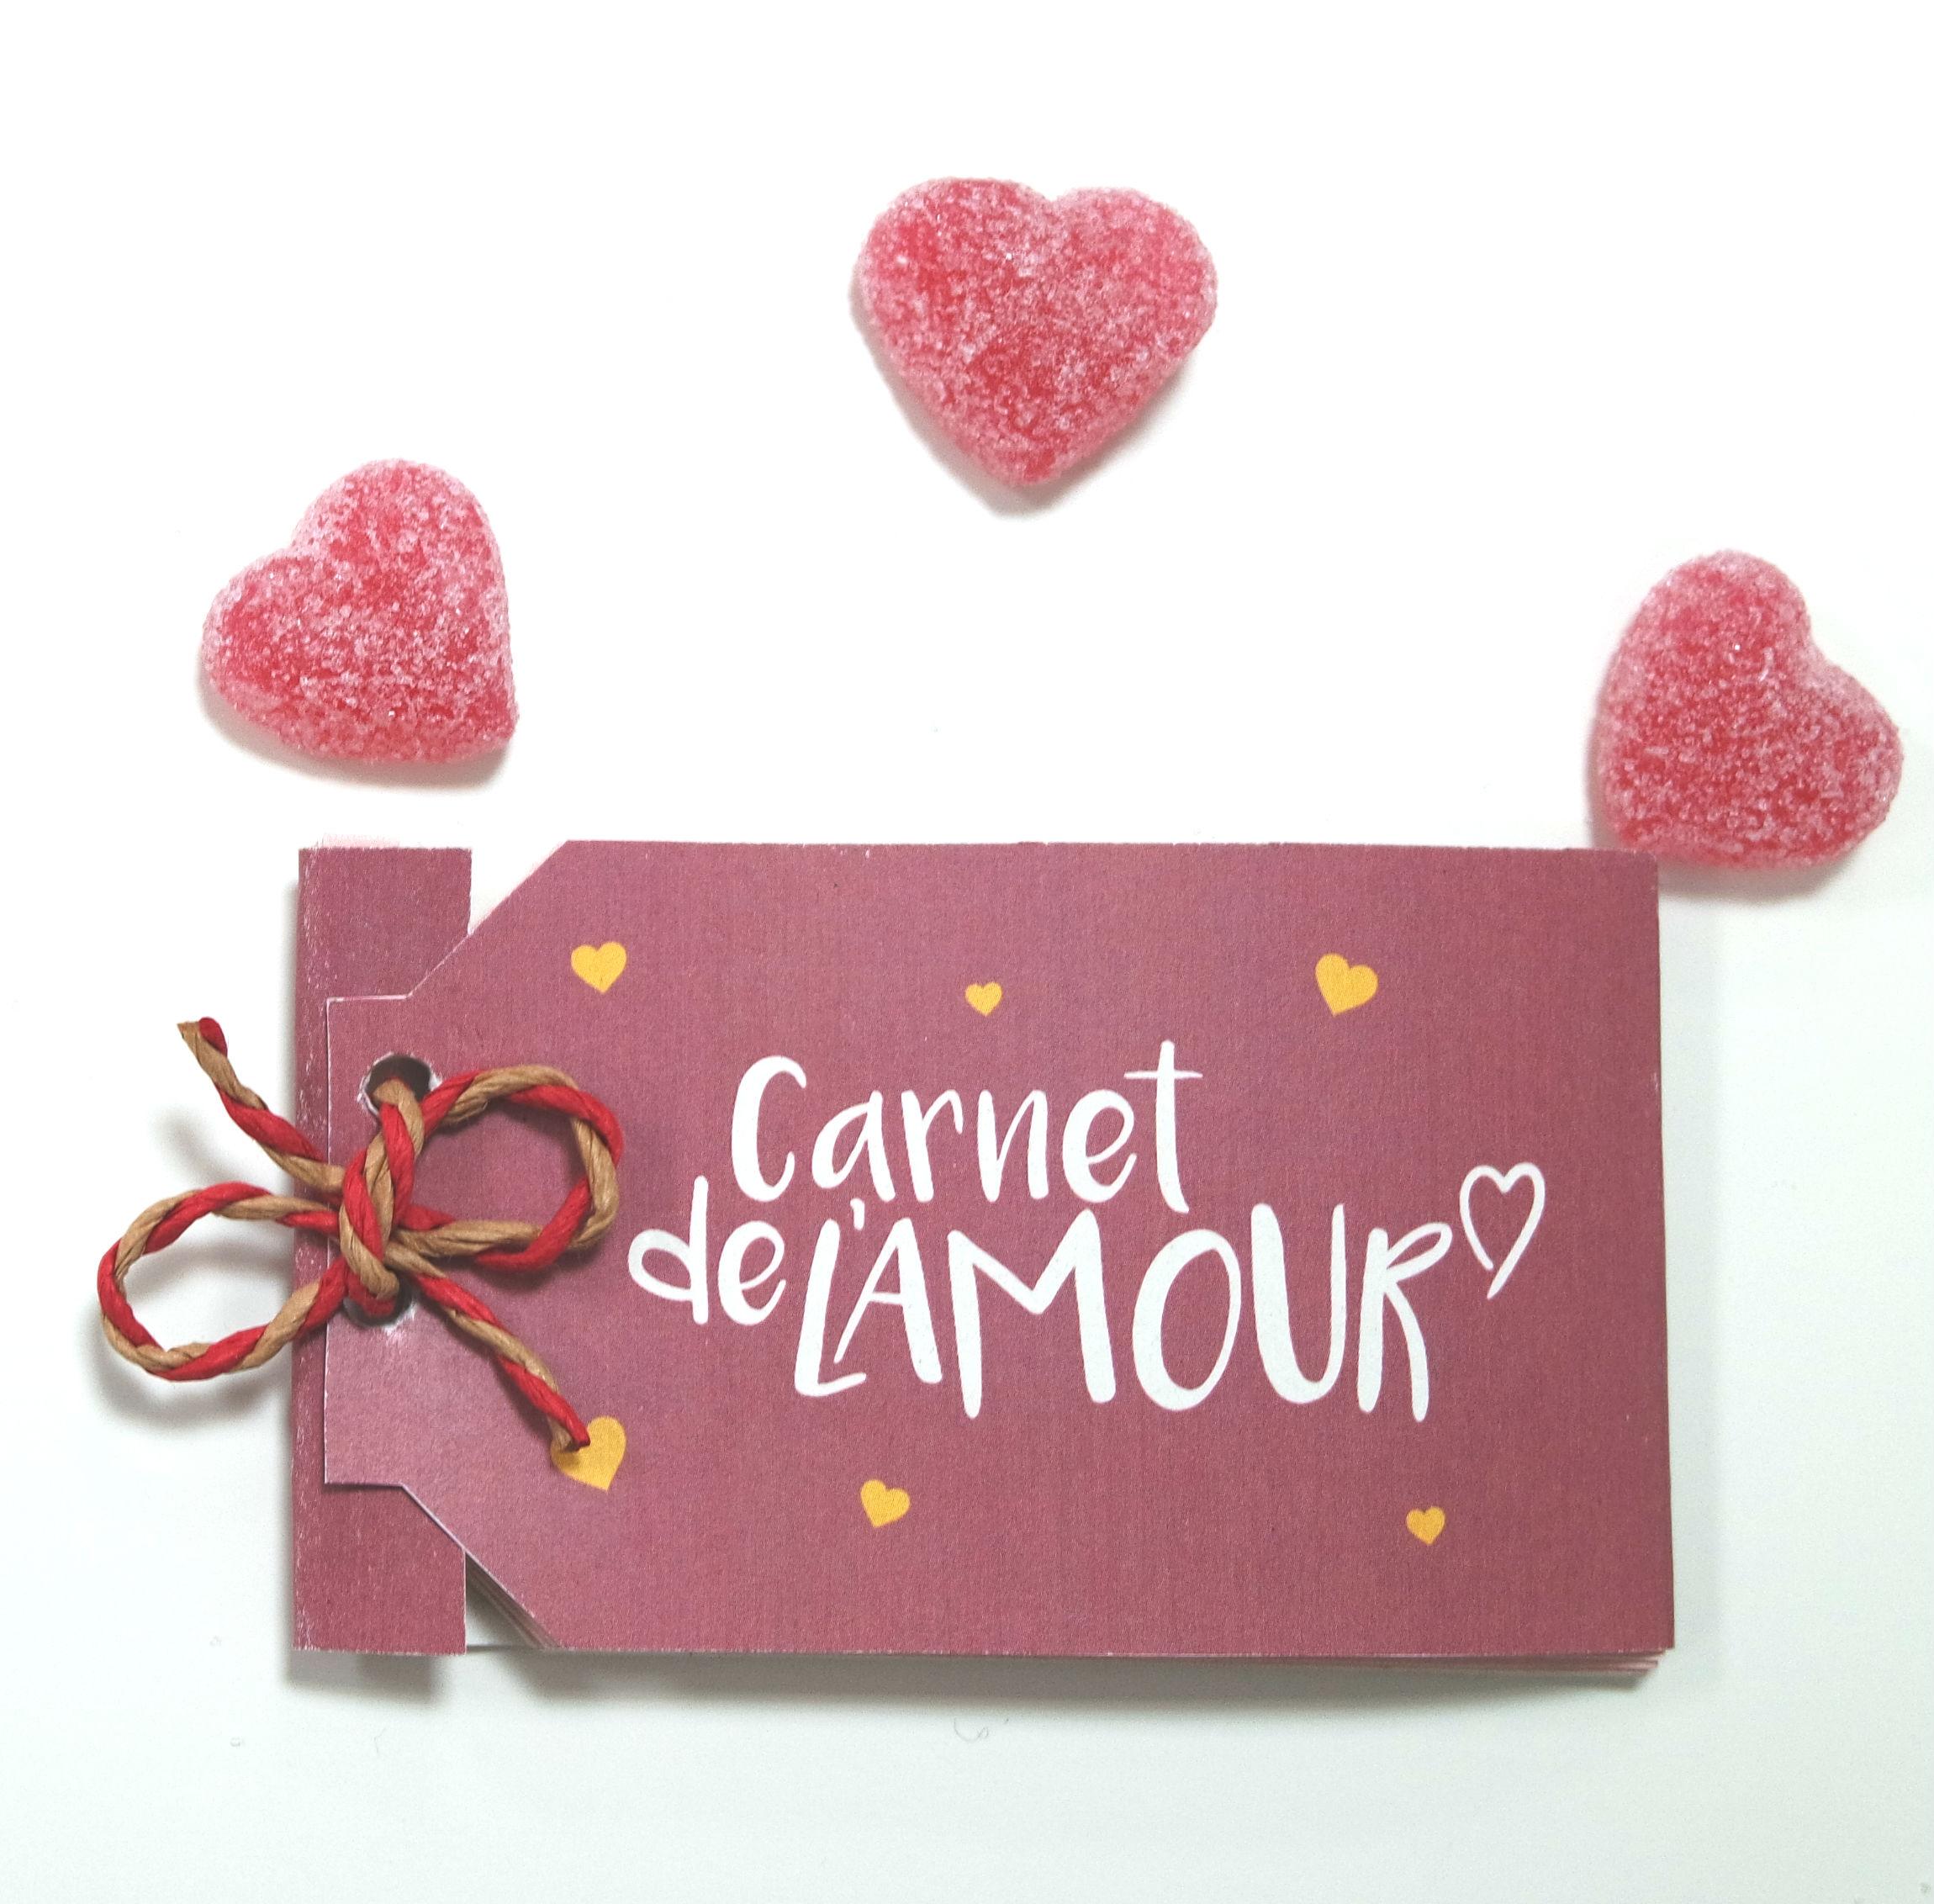 Cadeau saint valentin exceptionnel